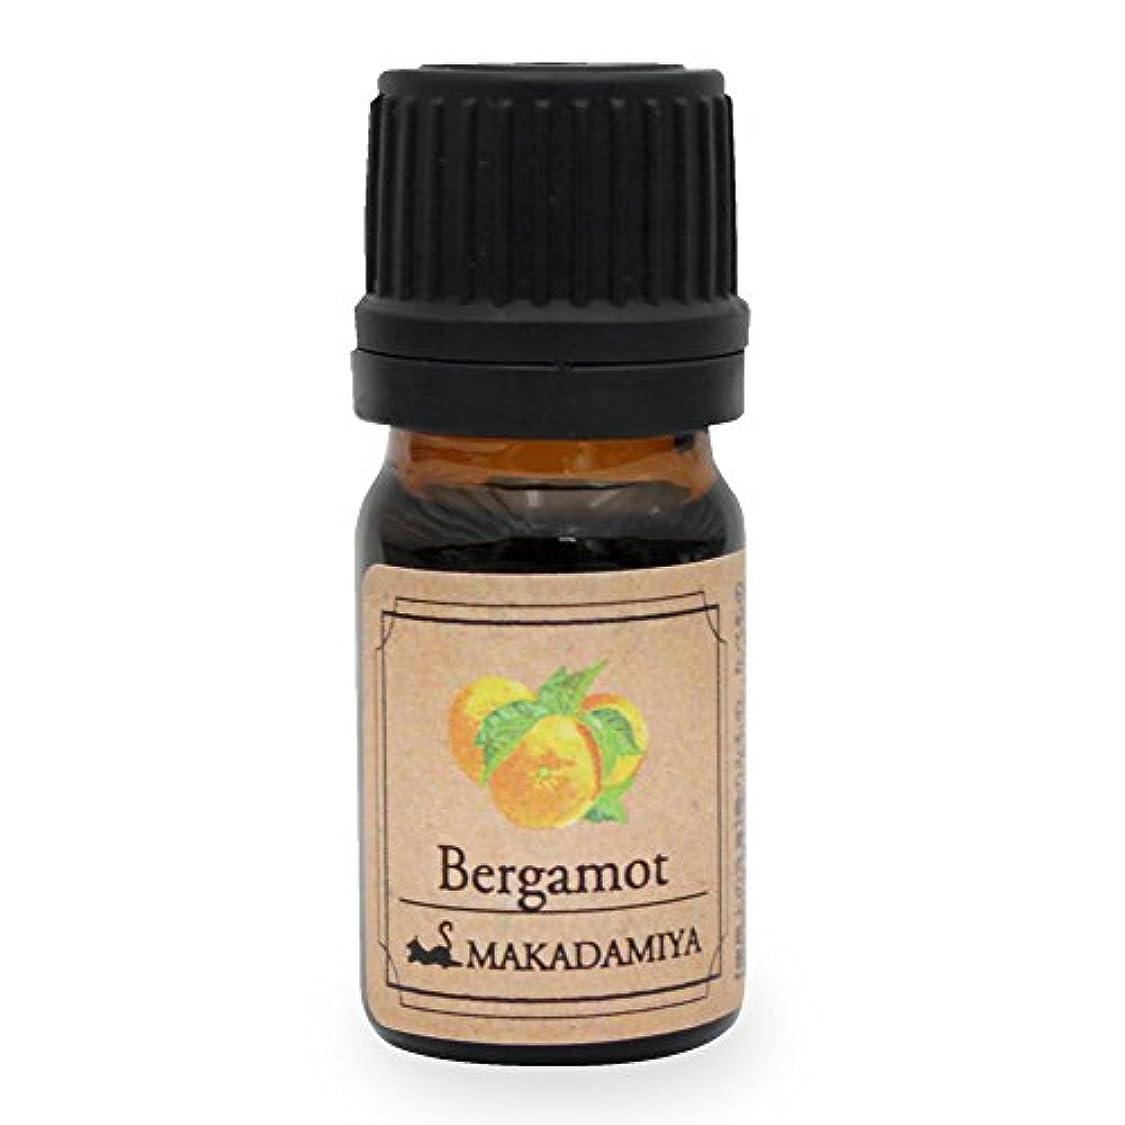 独立した花婿過言ベルガモット5ml 天然100%植物性 エッセンシャルオイル(精油) アロマオイル アロママッサージ aroma Bergamot